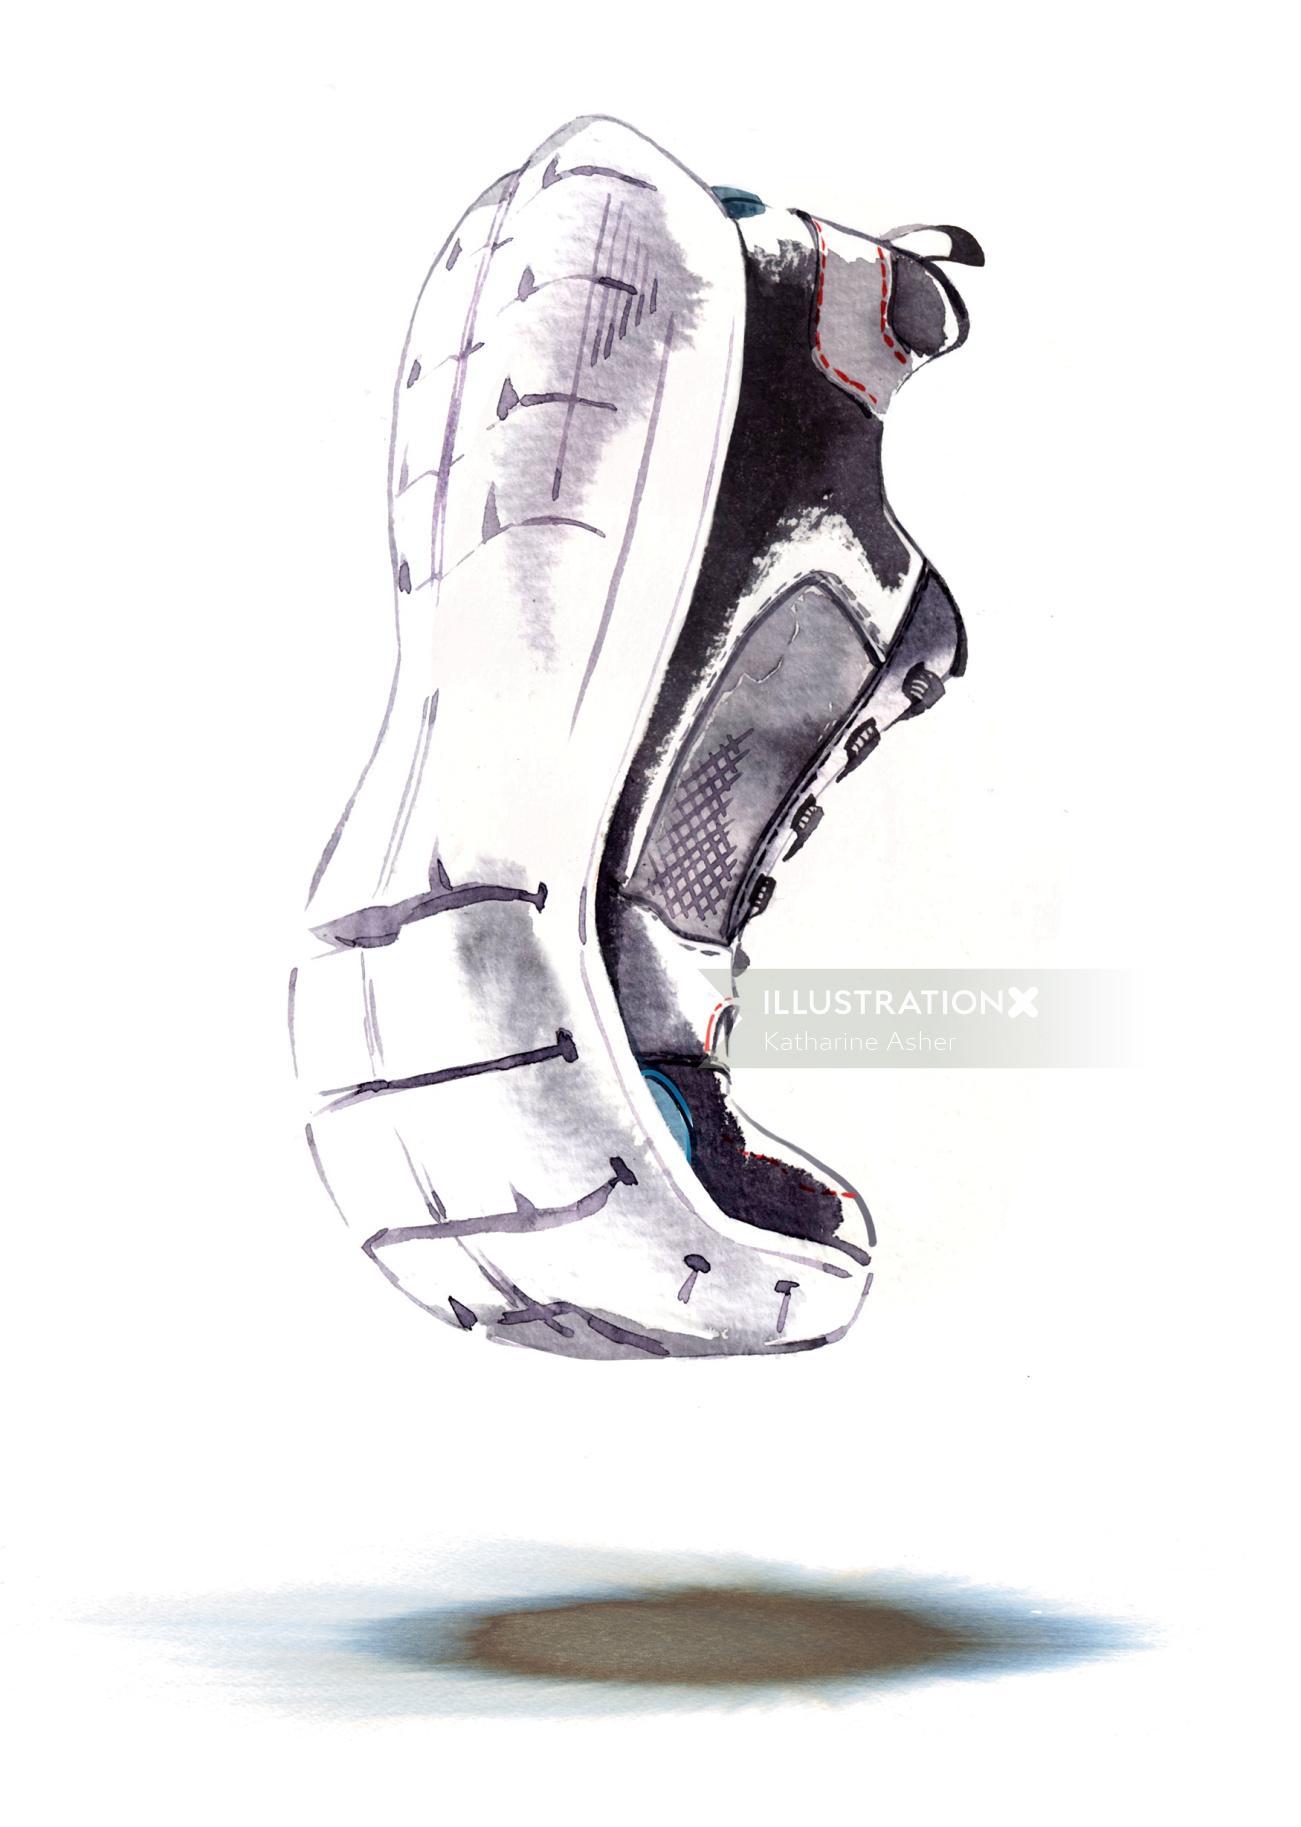 Rockport Sport shoe illustration